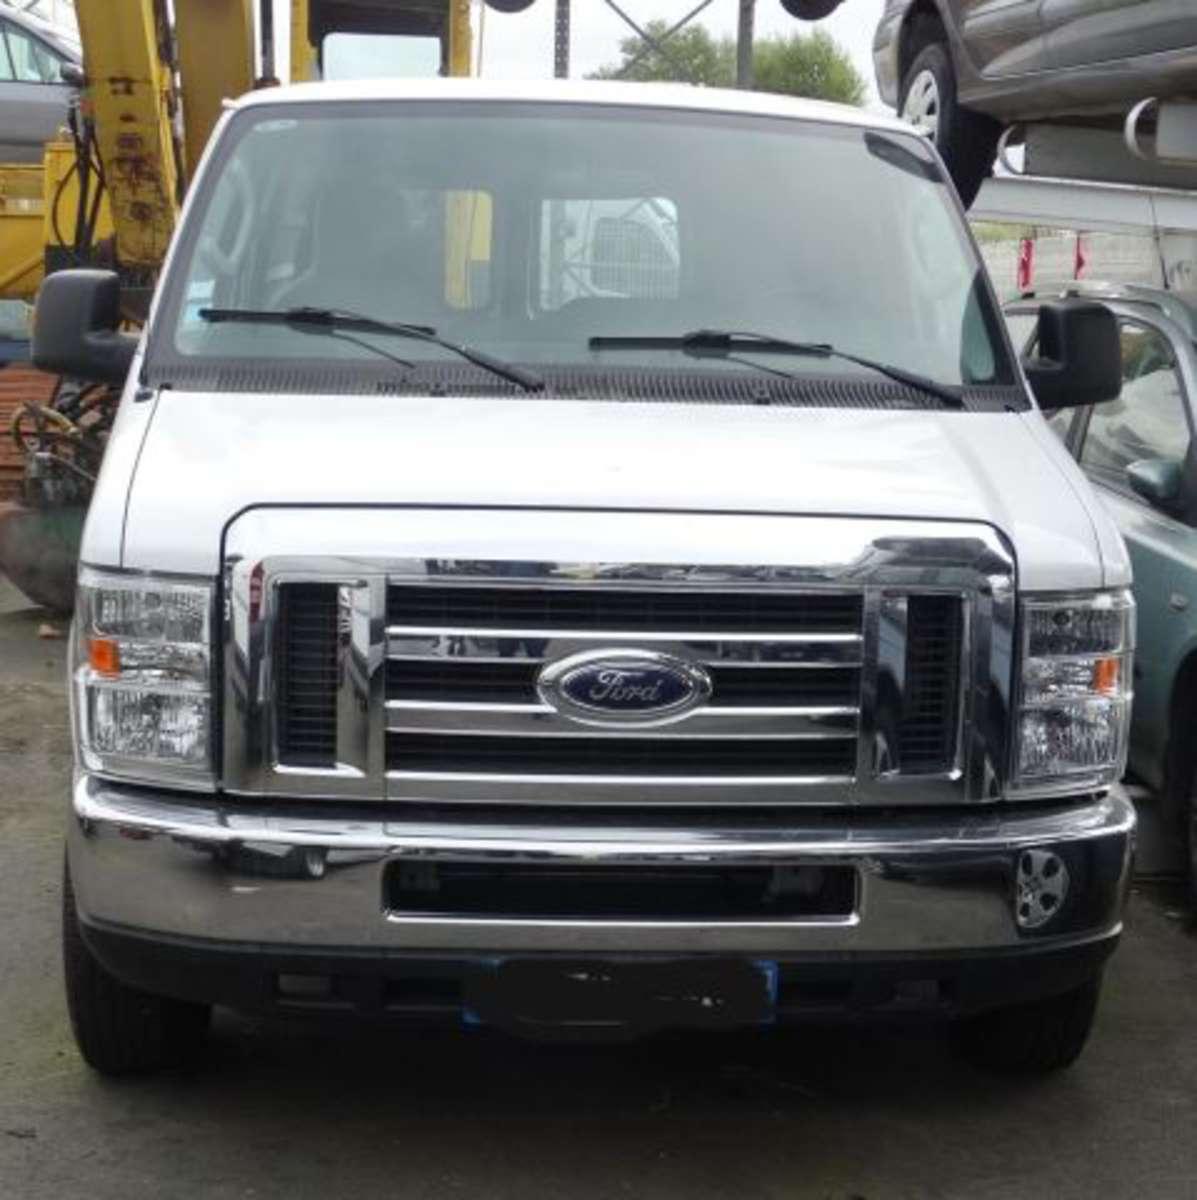 *Ctte Fourgon Ford Modèle : E 150 V 8 VITRE Année : 2009